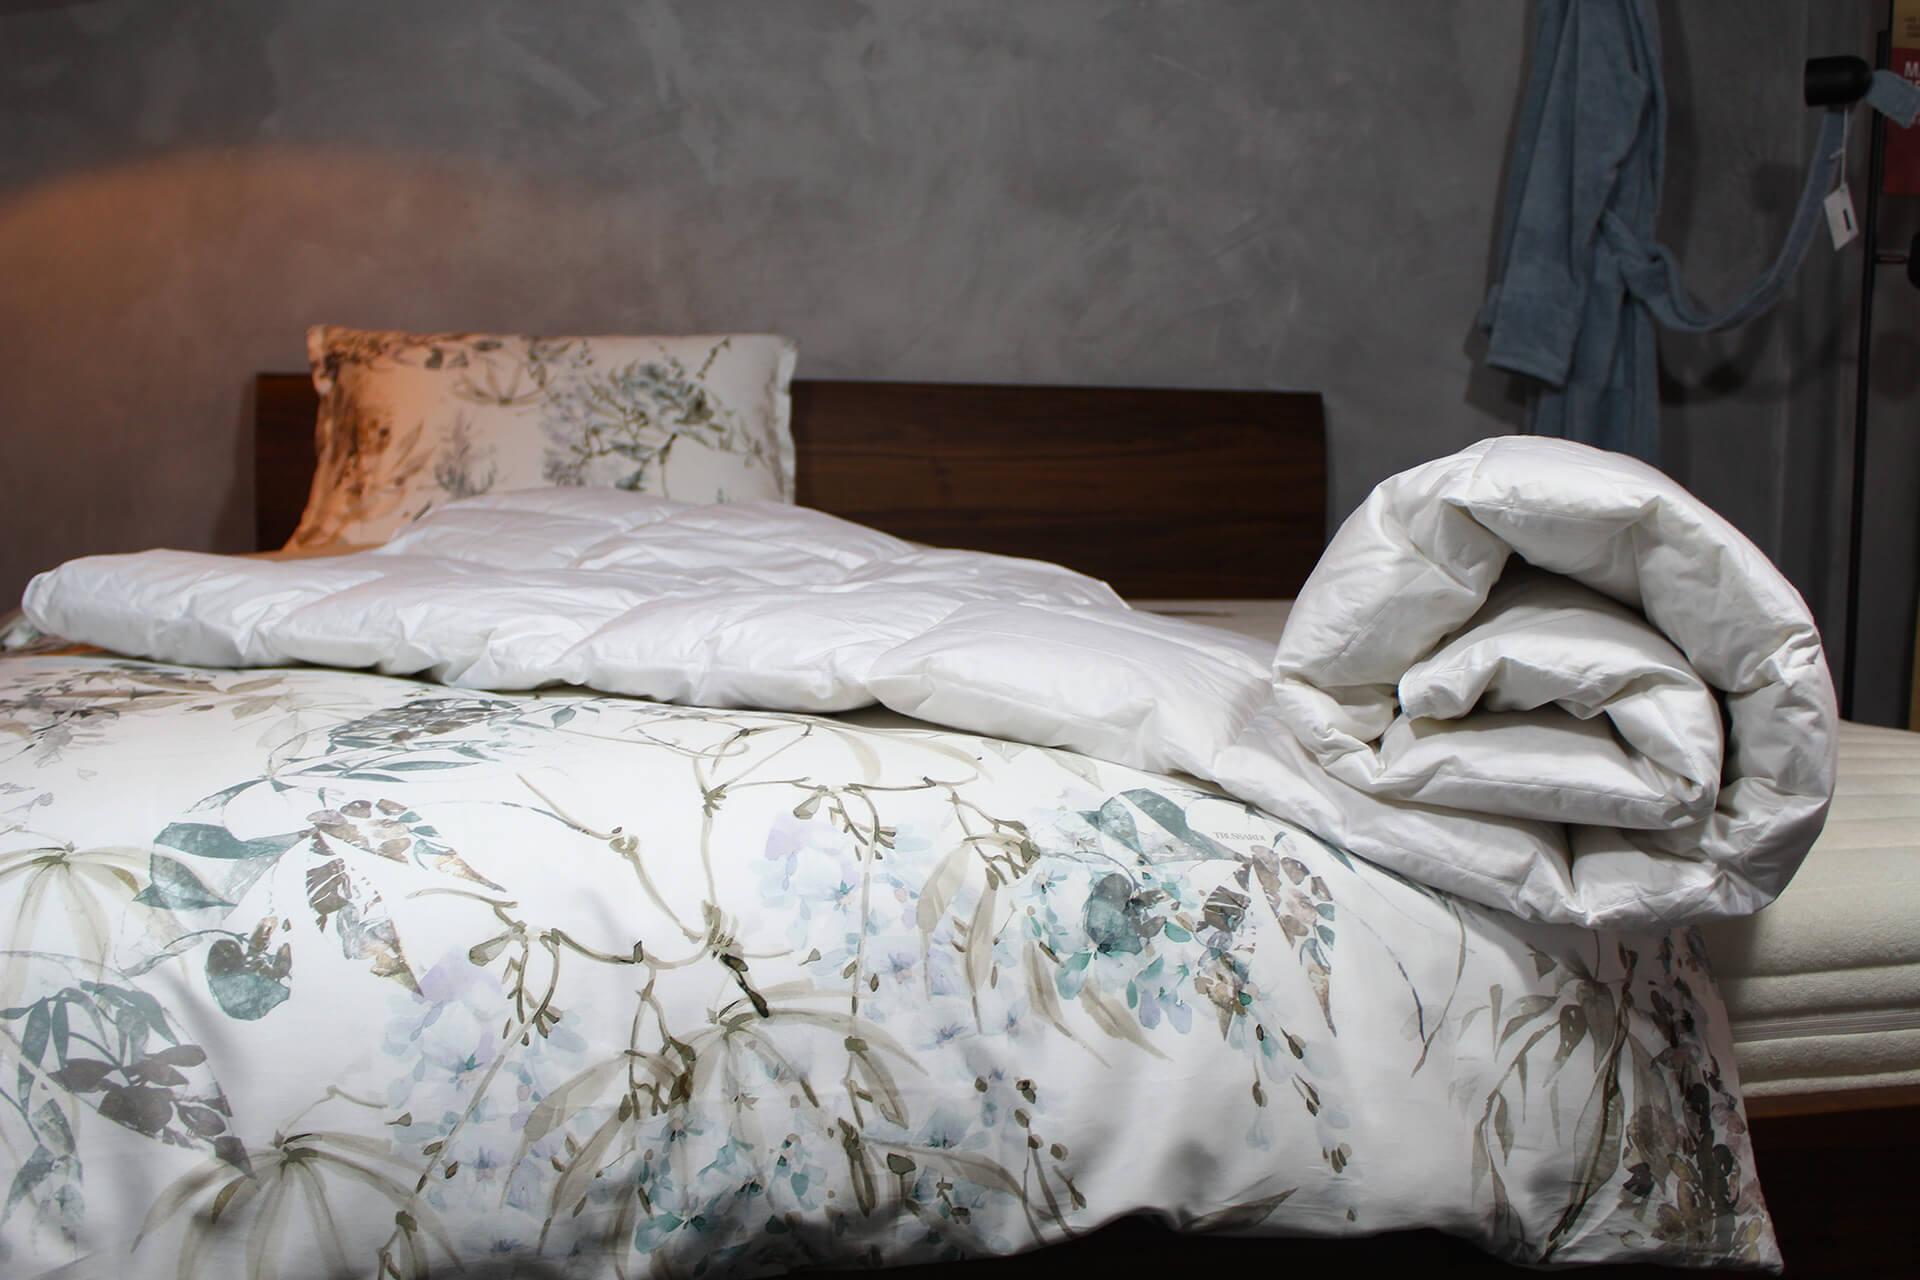 Loiva Summerlight - Zomerdekbed van Ganzendons 140 x 200 cm - Eenpersoons